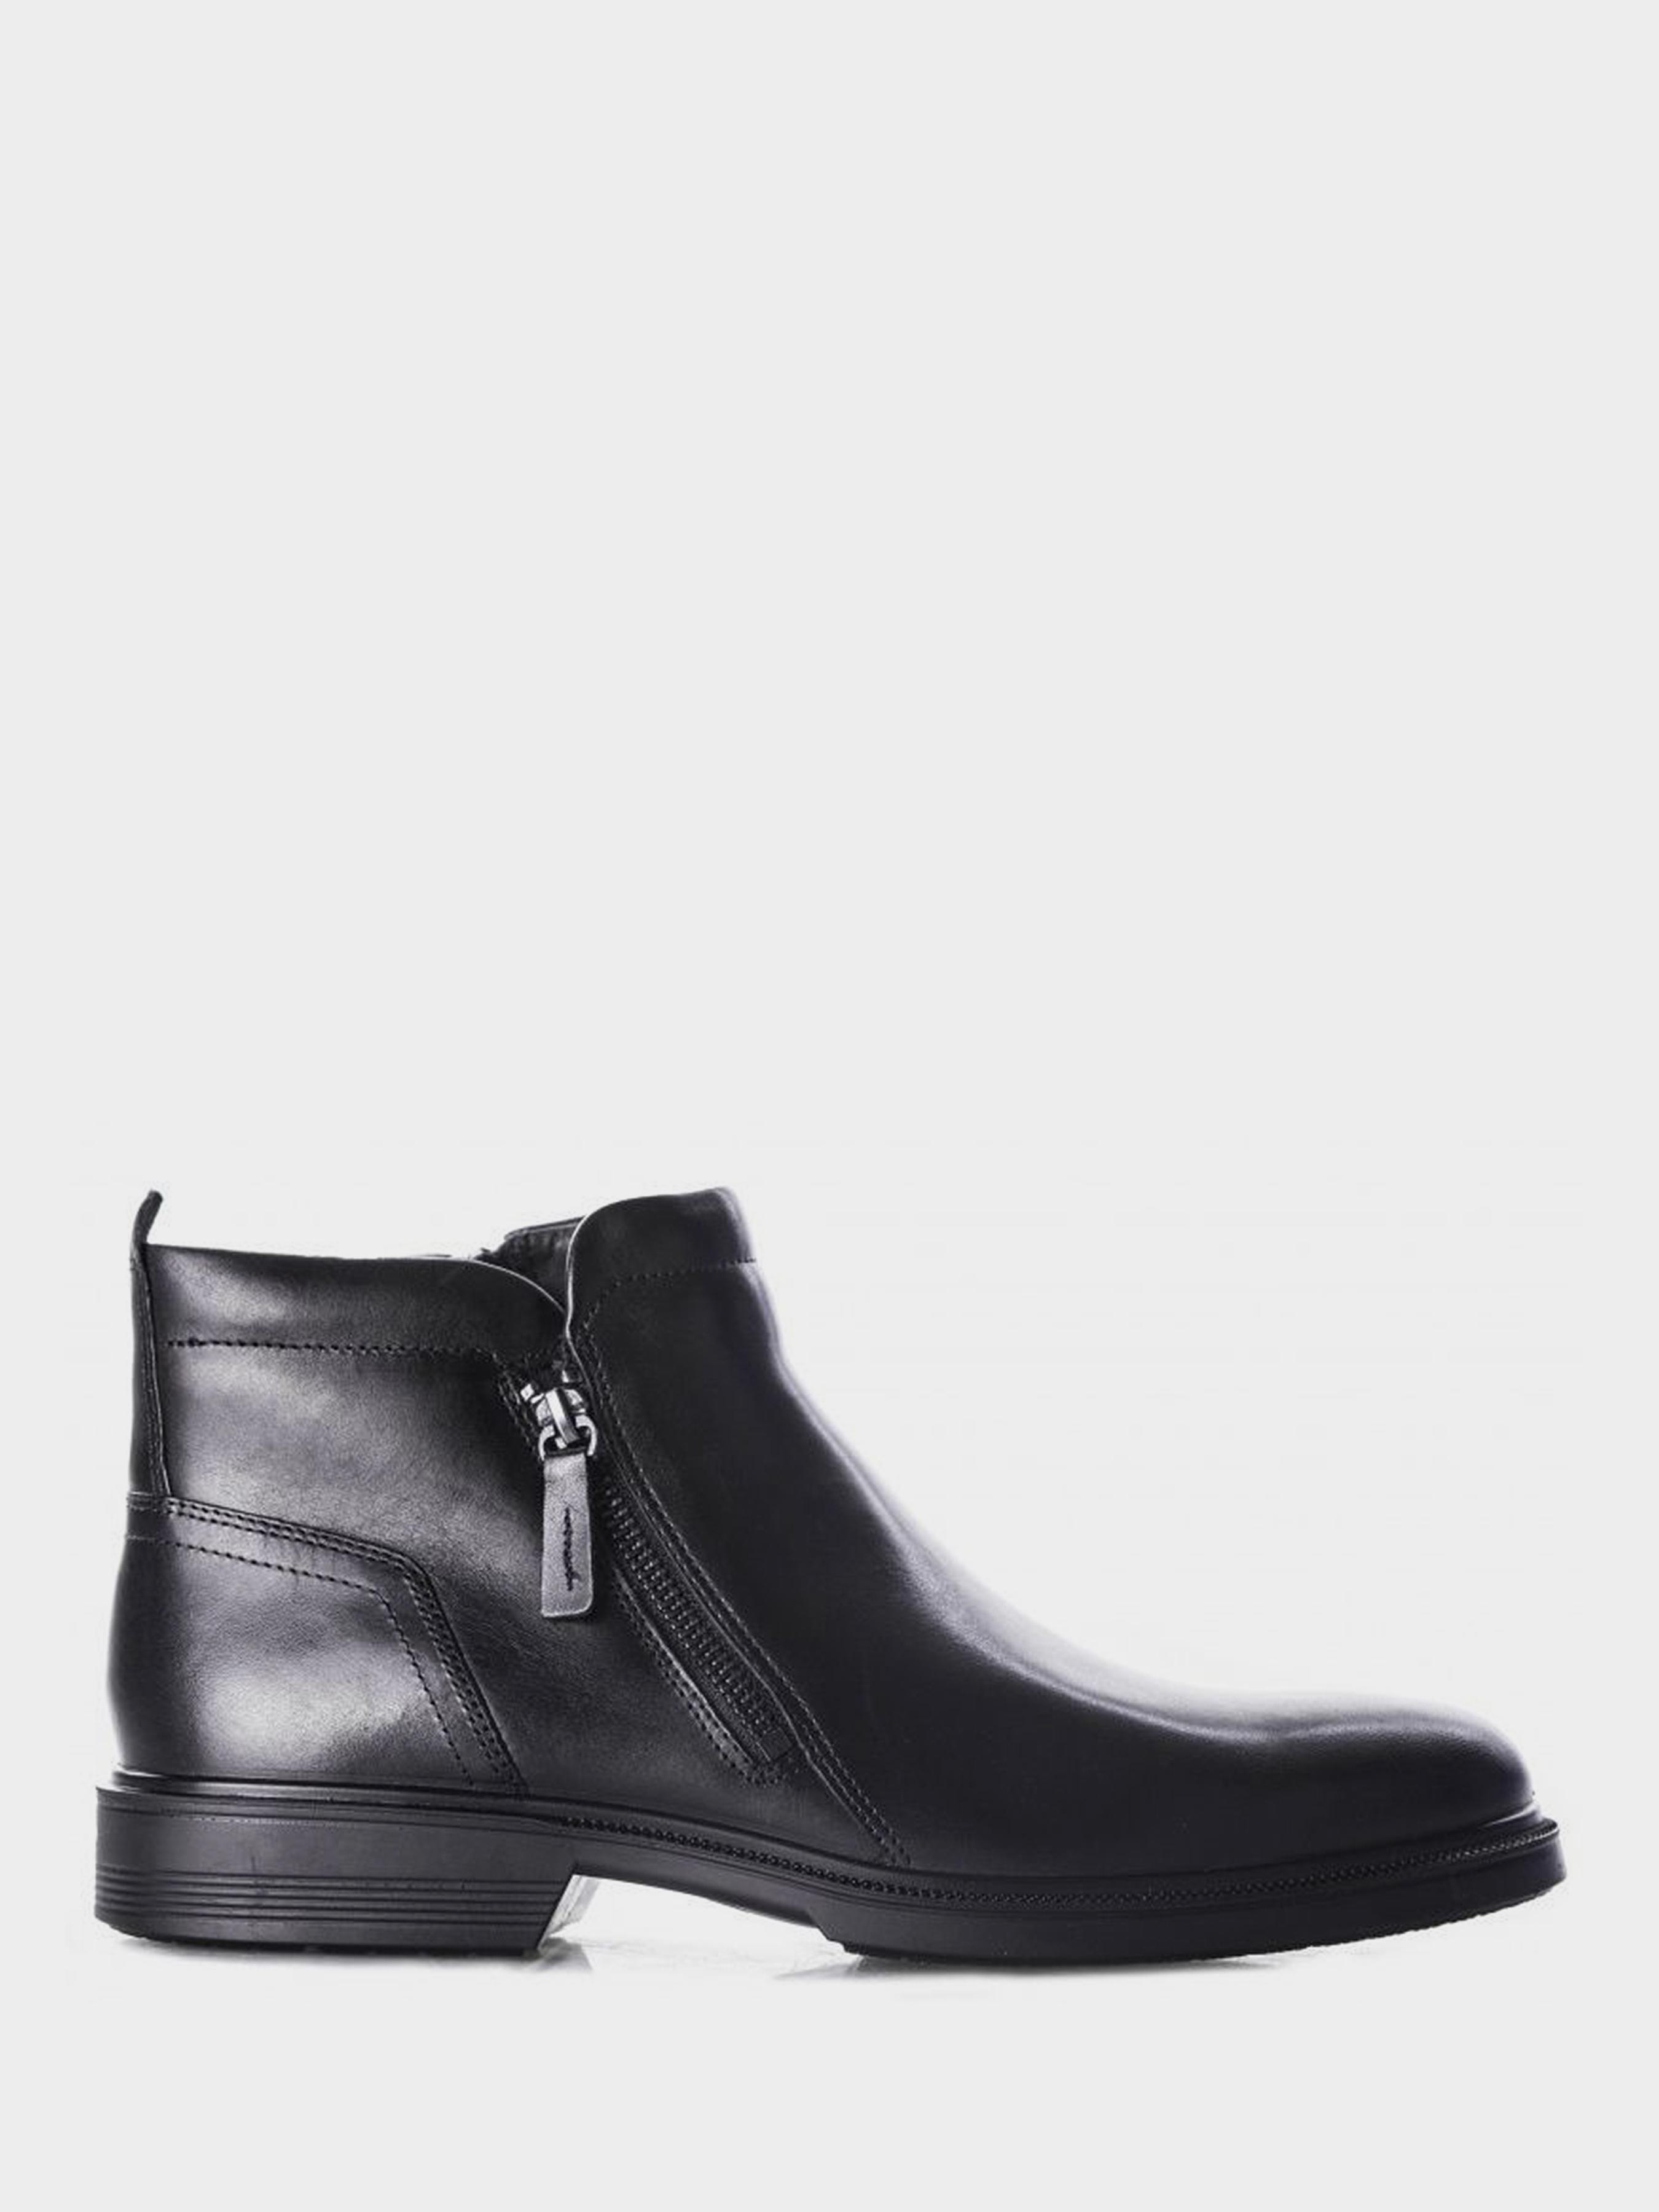 Купить Ботинки мужские ECCO LISBON ZM4068, Черный